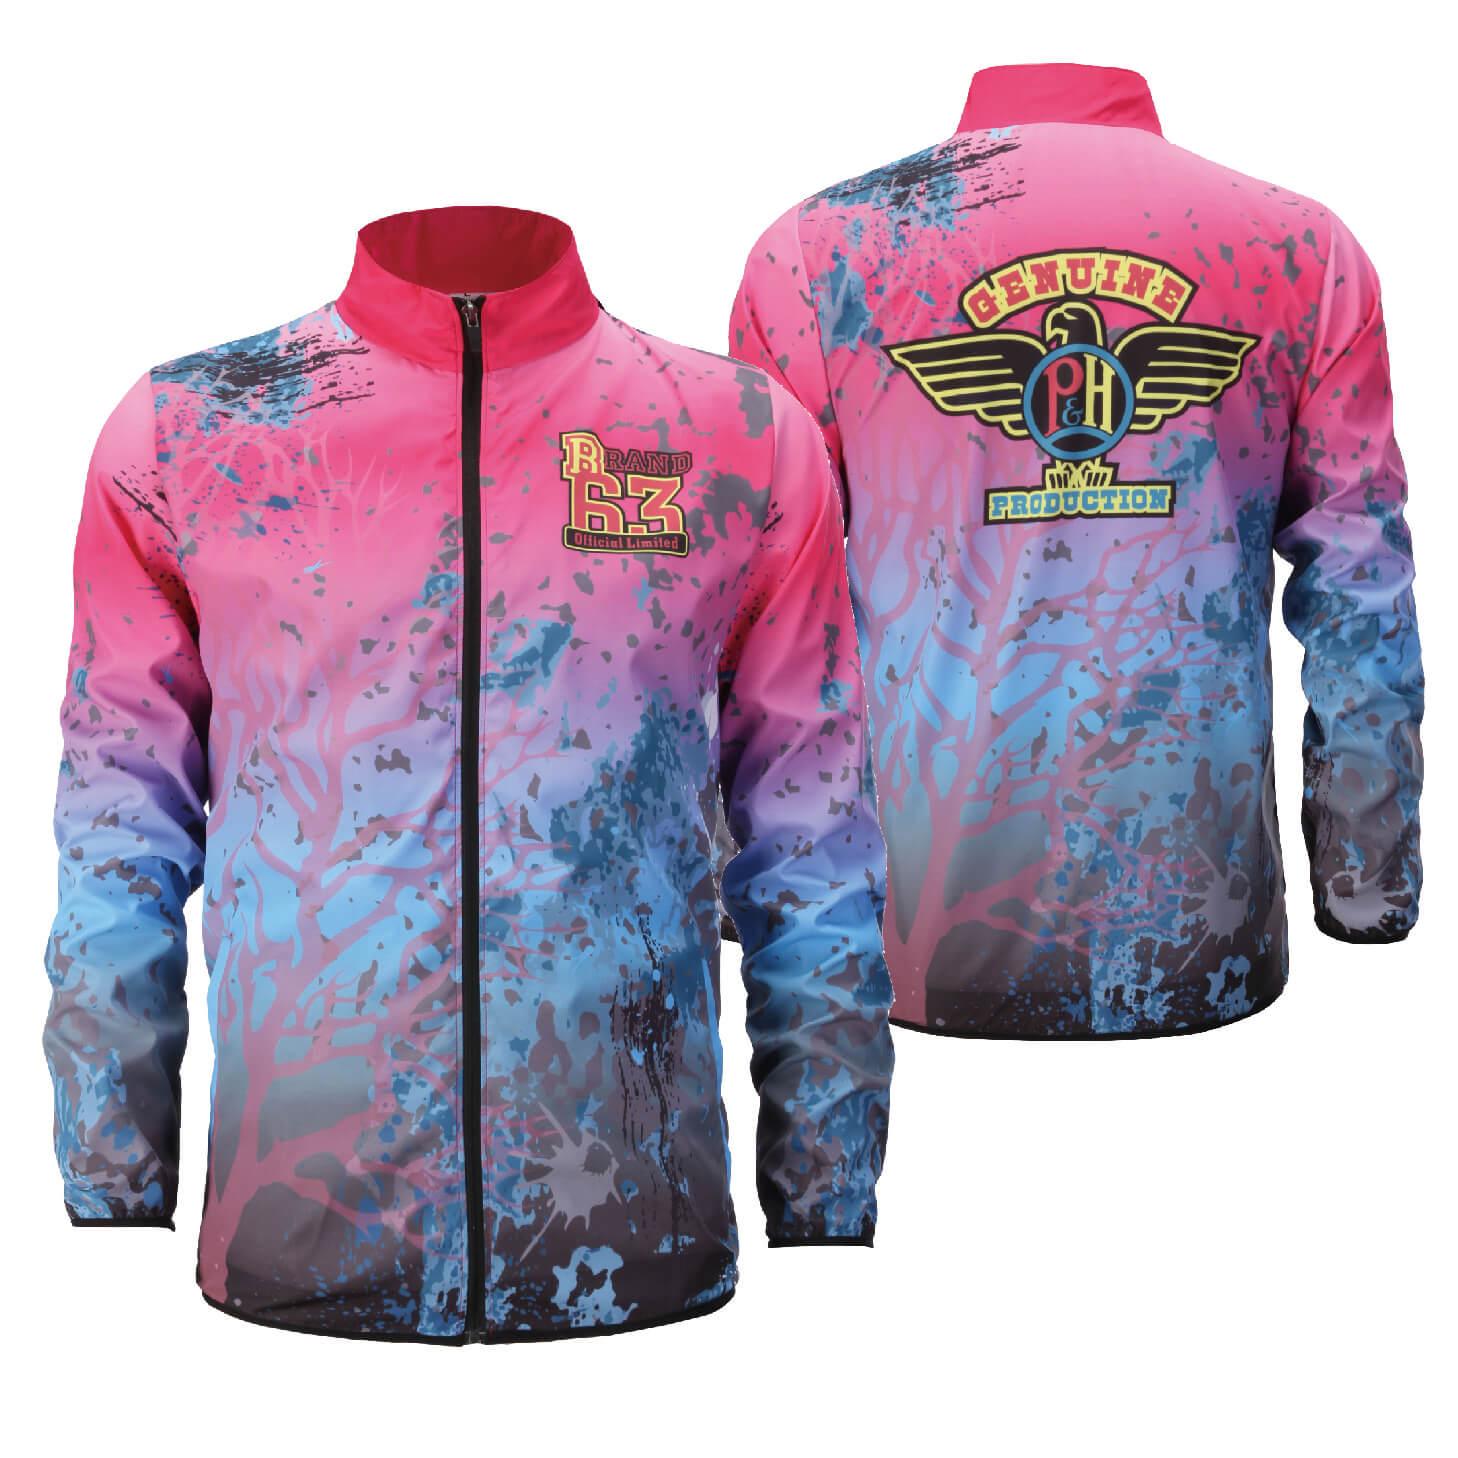 户外夹克防水风衣服装涤纶面料夹克风衣定制设计风衣